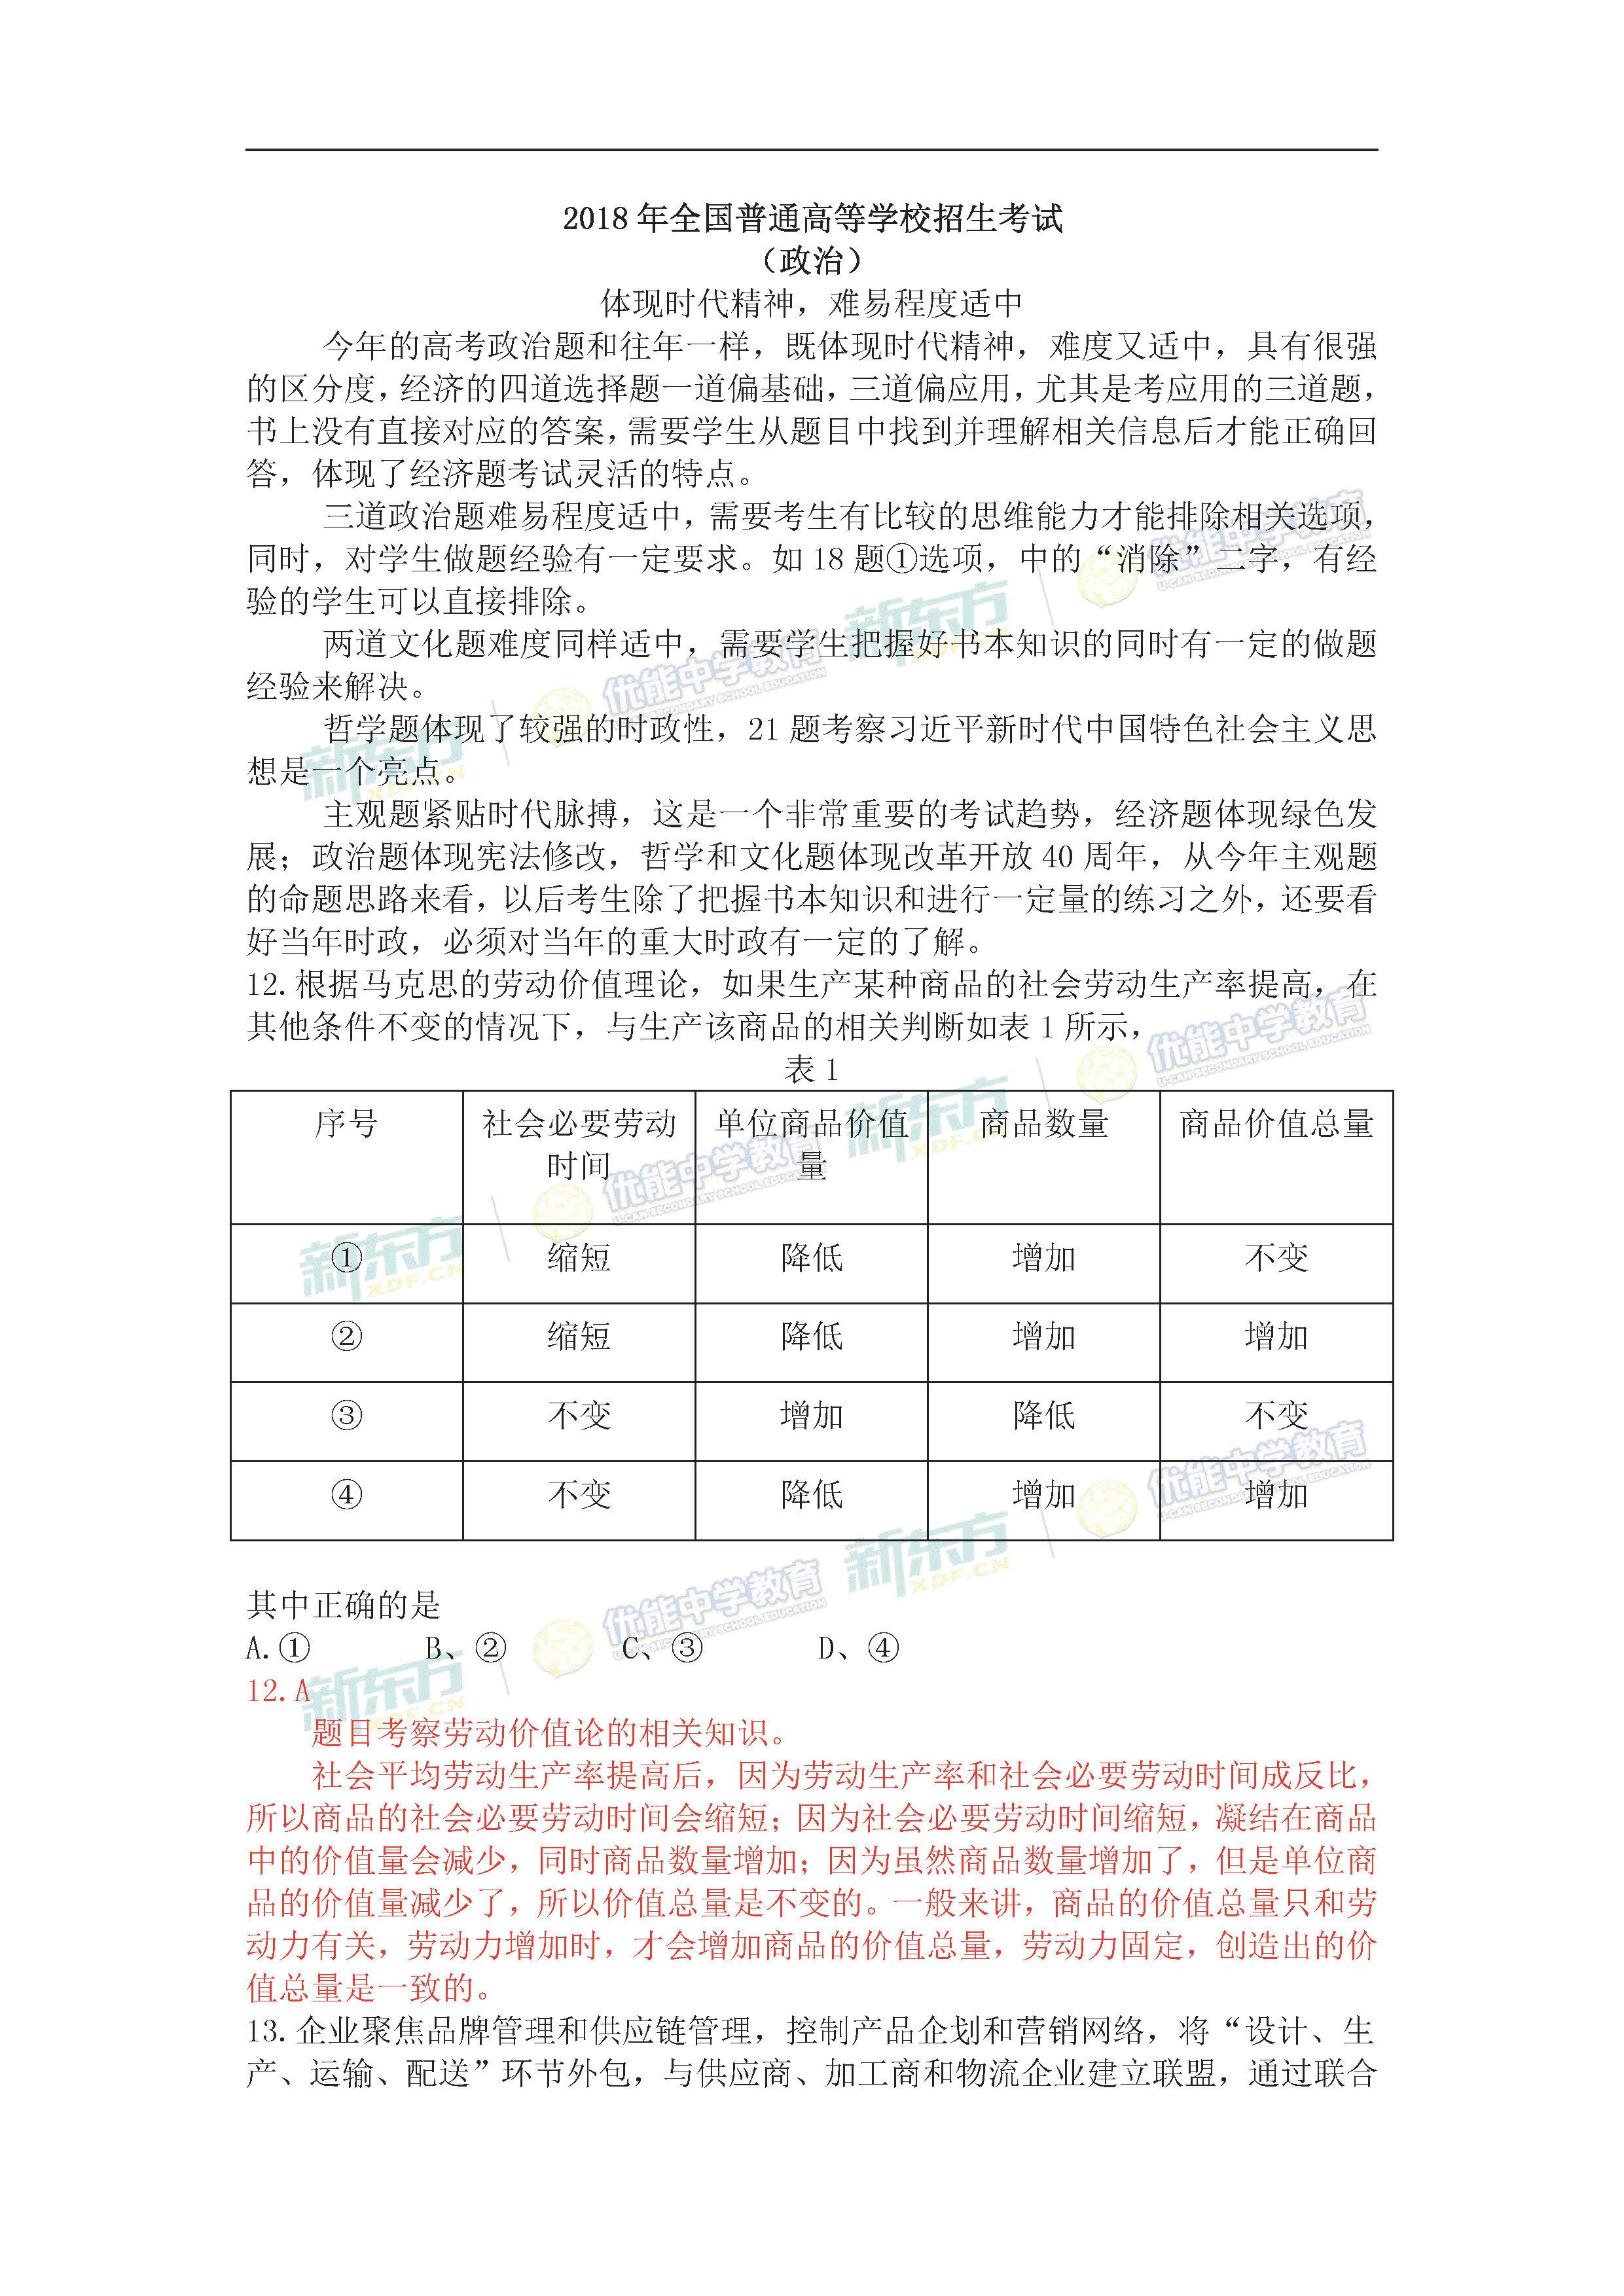 2018全国卷1高考政治试题及答案解析(郑州新东方